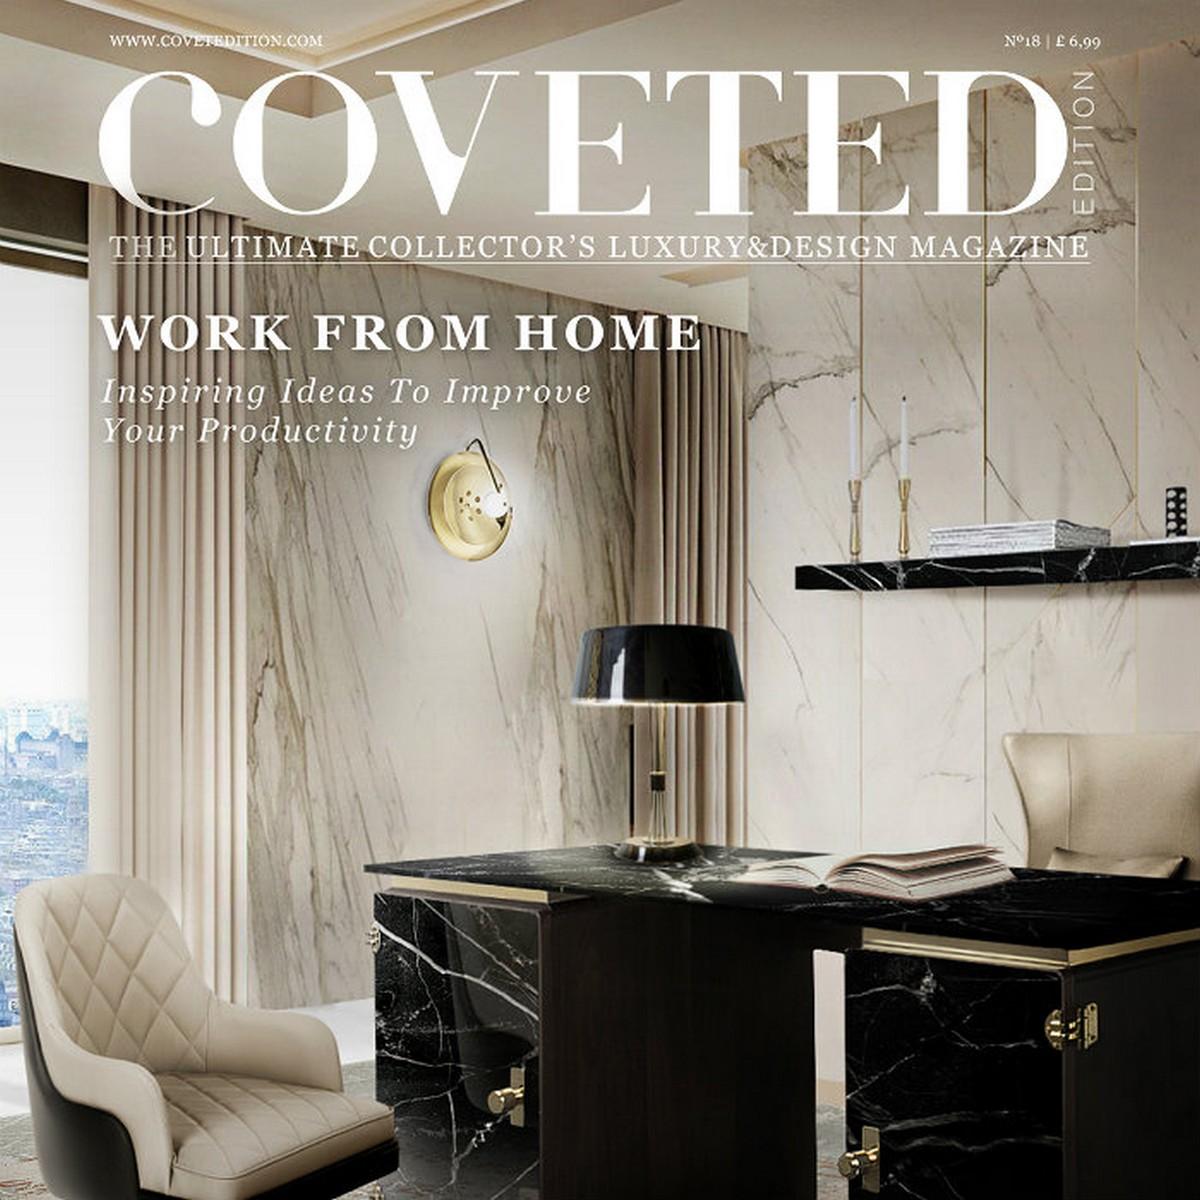 Revista CovetED: Nueva Edición - Trabaja desde Casa